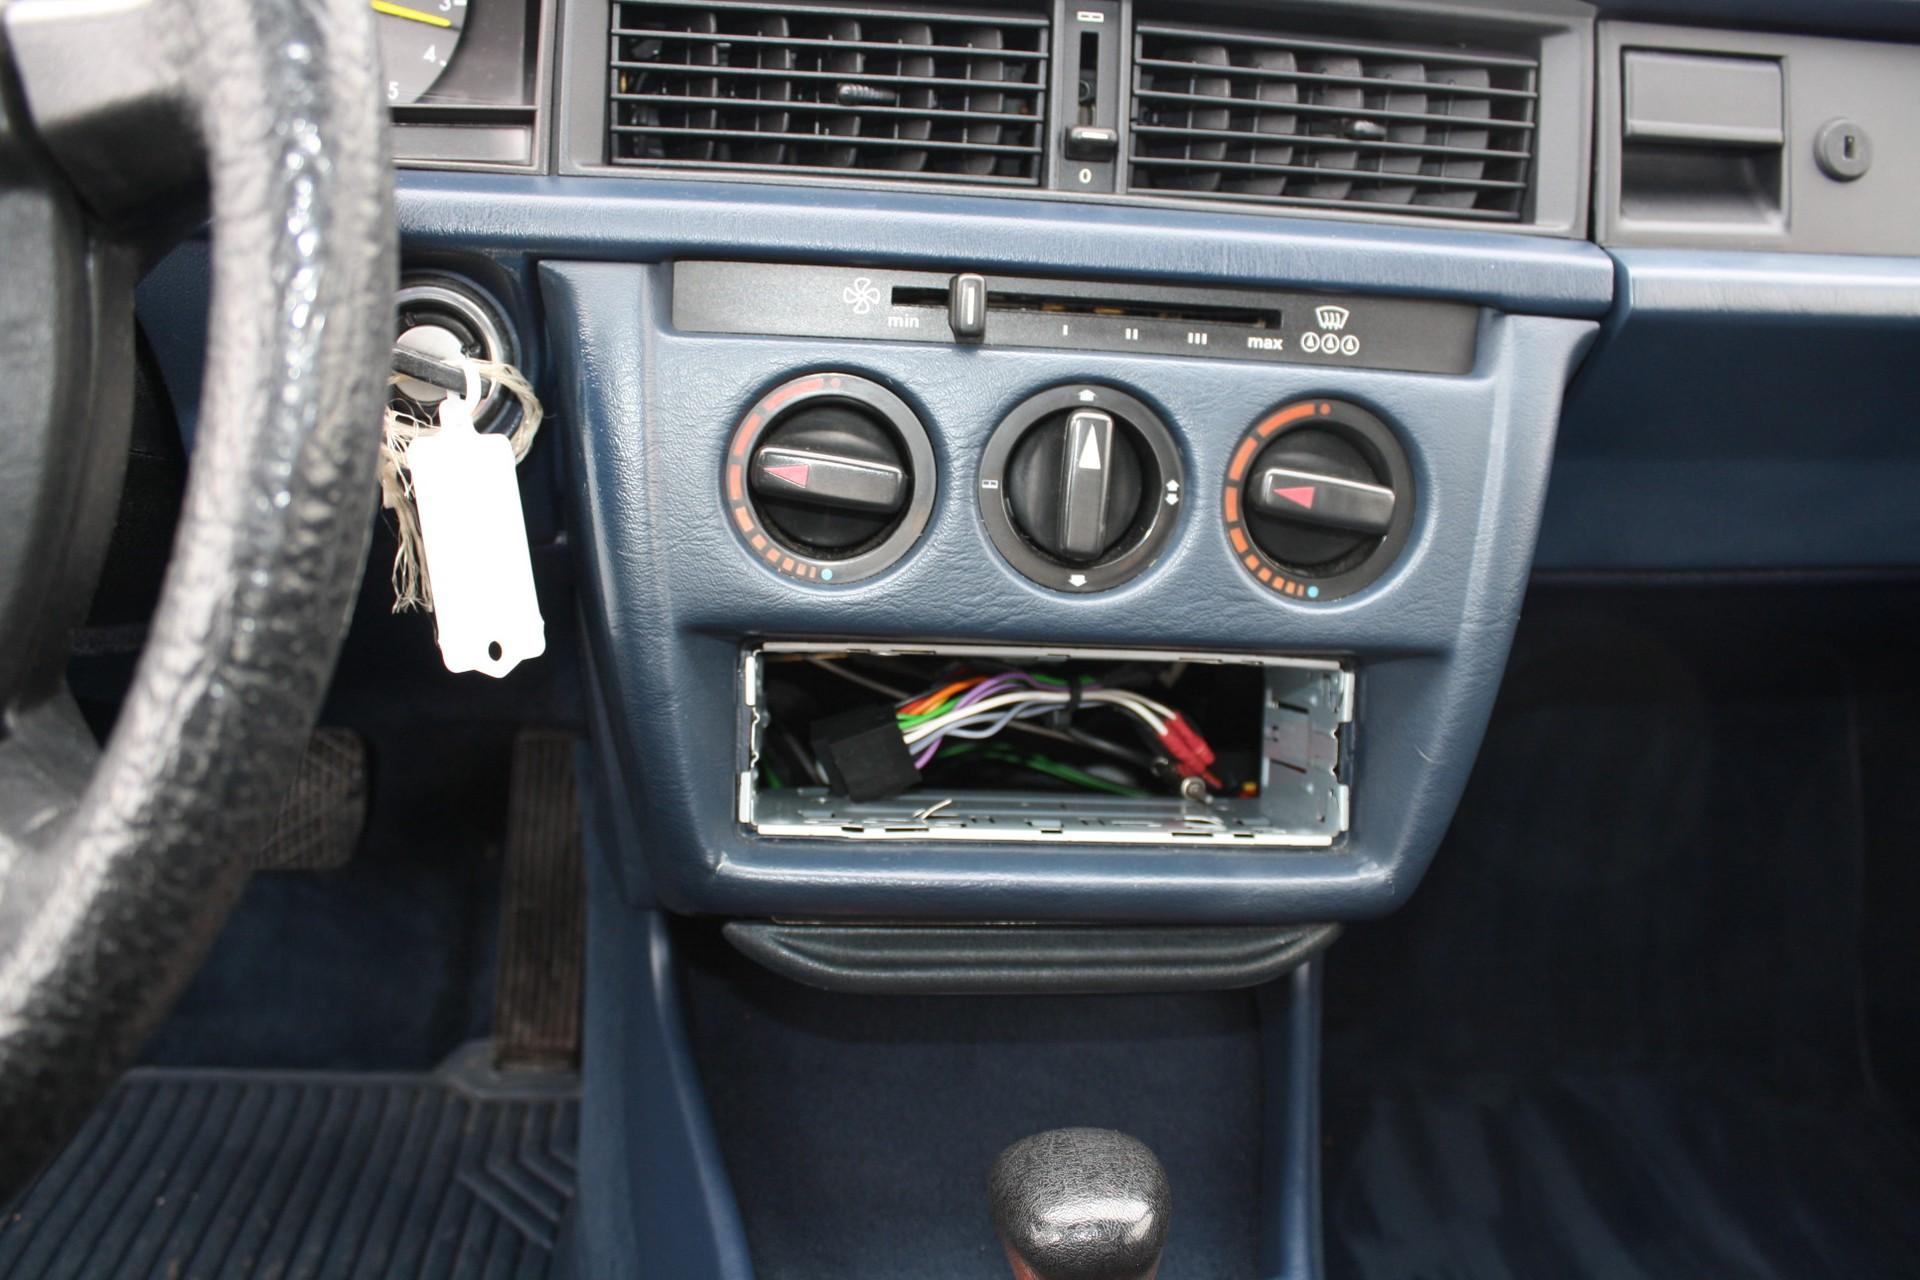 Mercedes-Benz 190 2.0 E automaat Foto 6